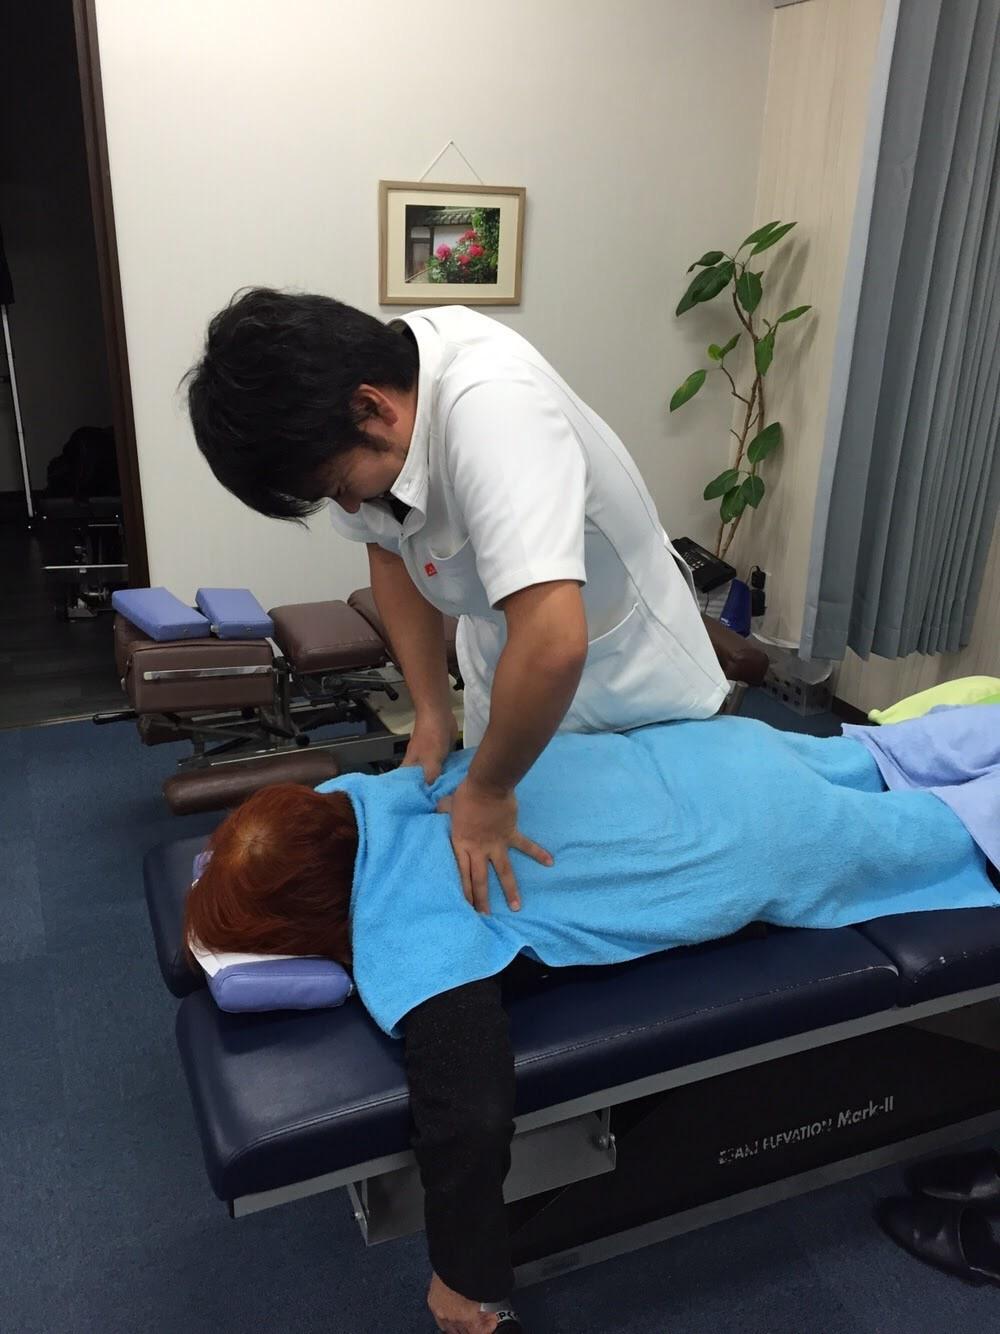 ふじくら鍼灸整骨院 のアルバイト情報